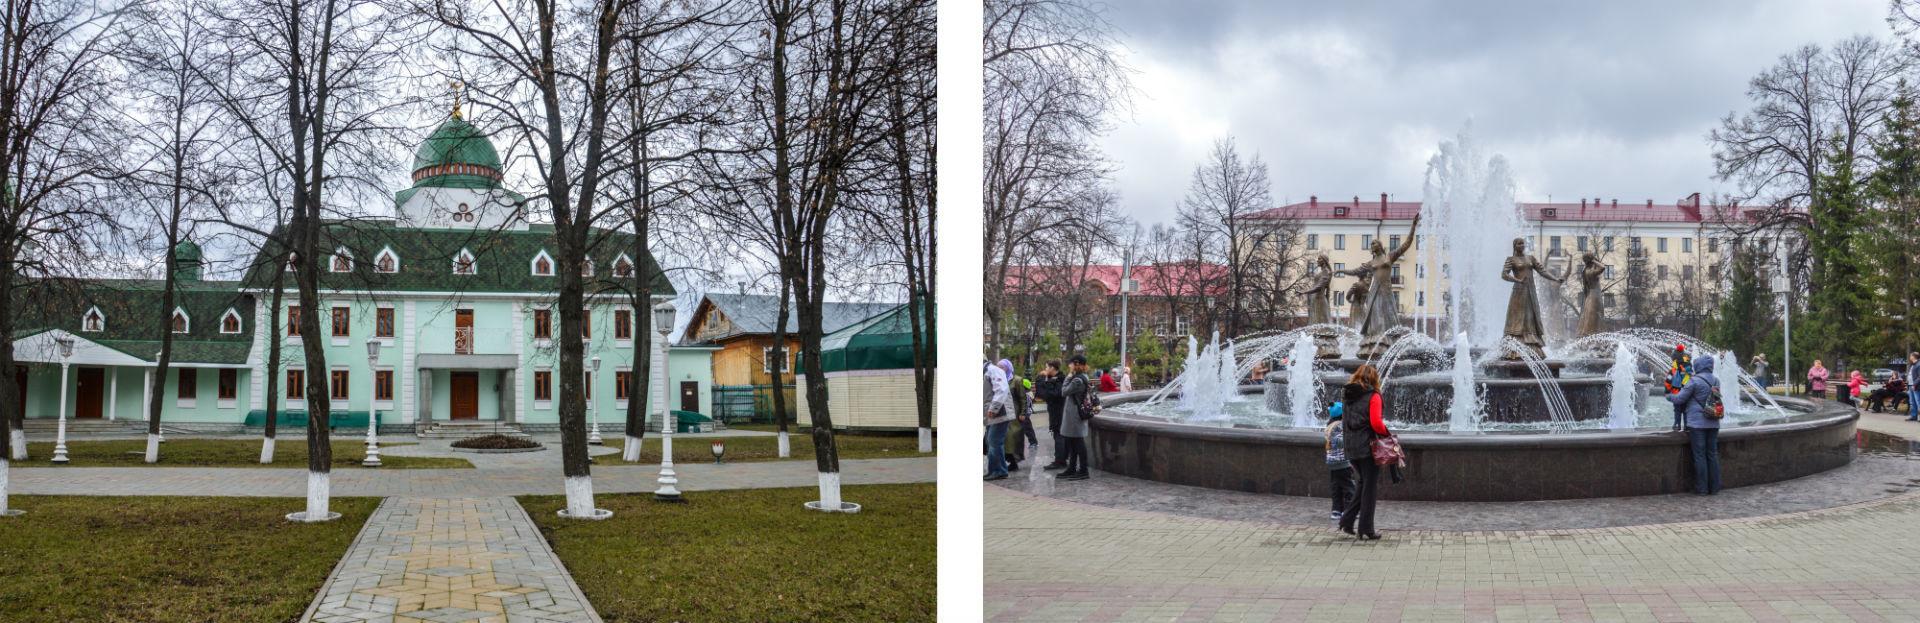 À gauche, l'un des bâtiments du complexe religieux, à droite, la fontaine des 7 jeunes filles.